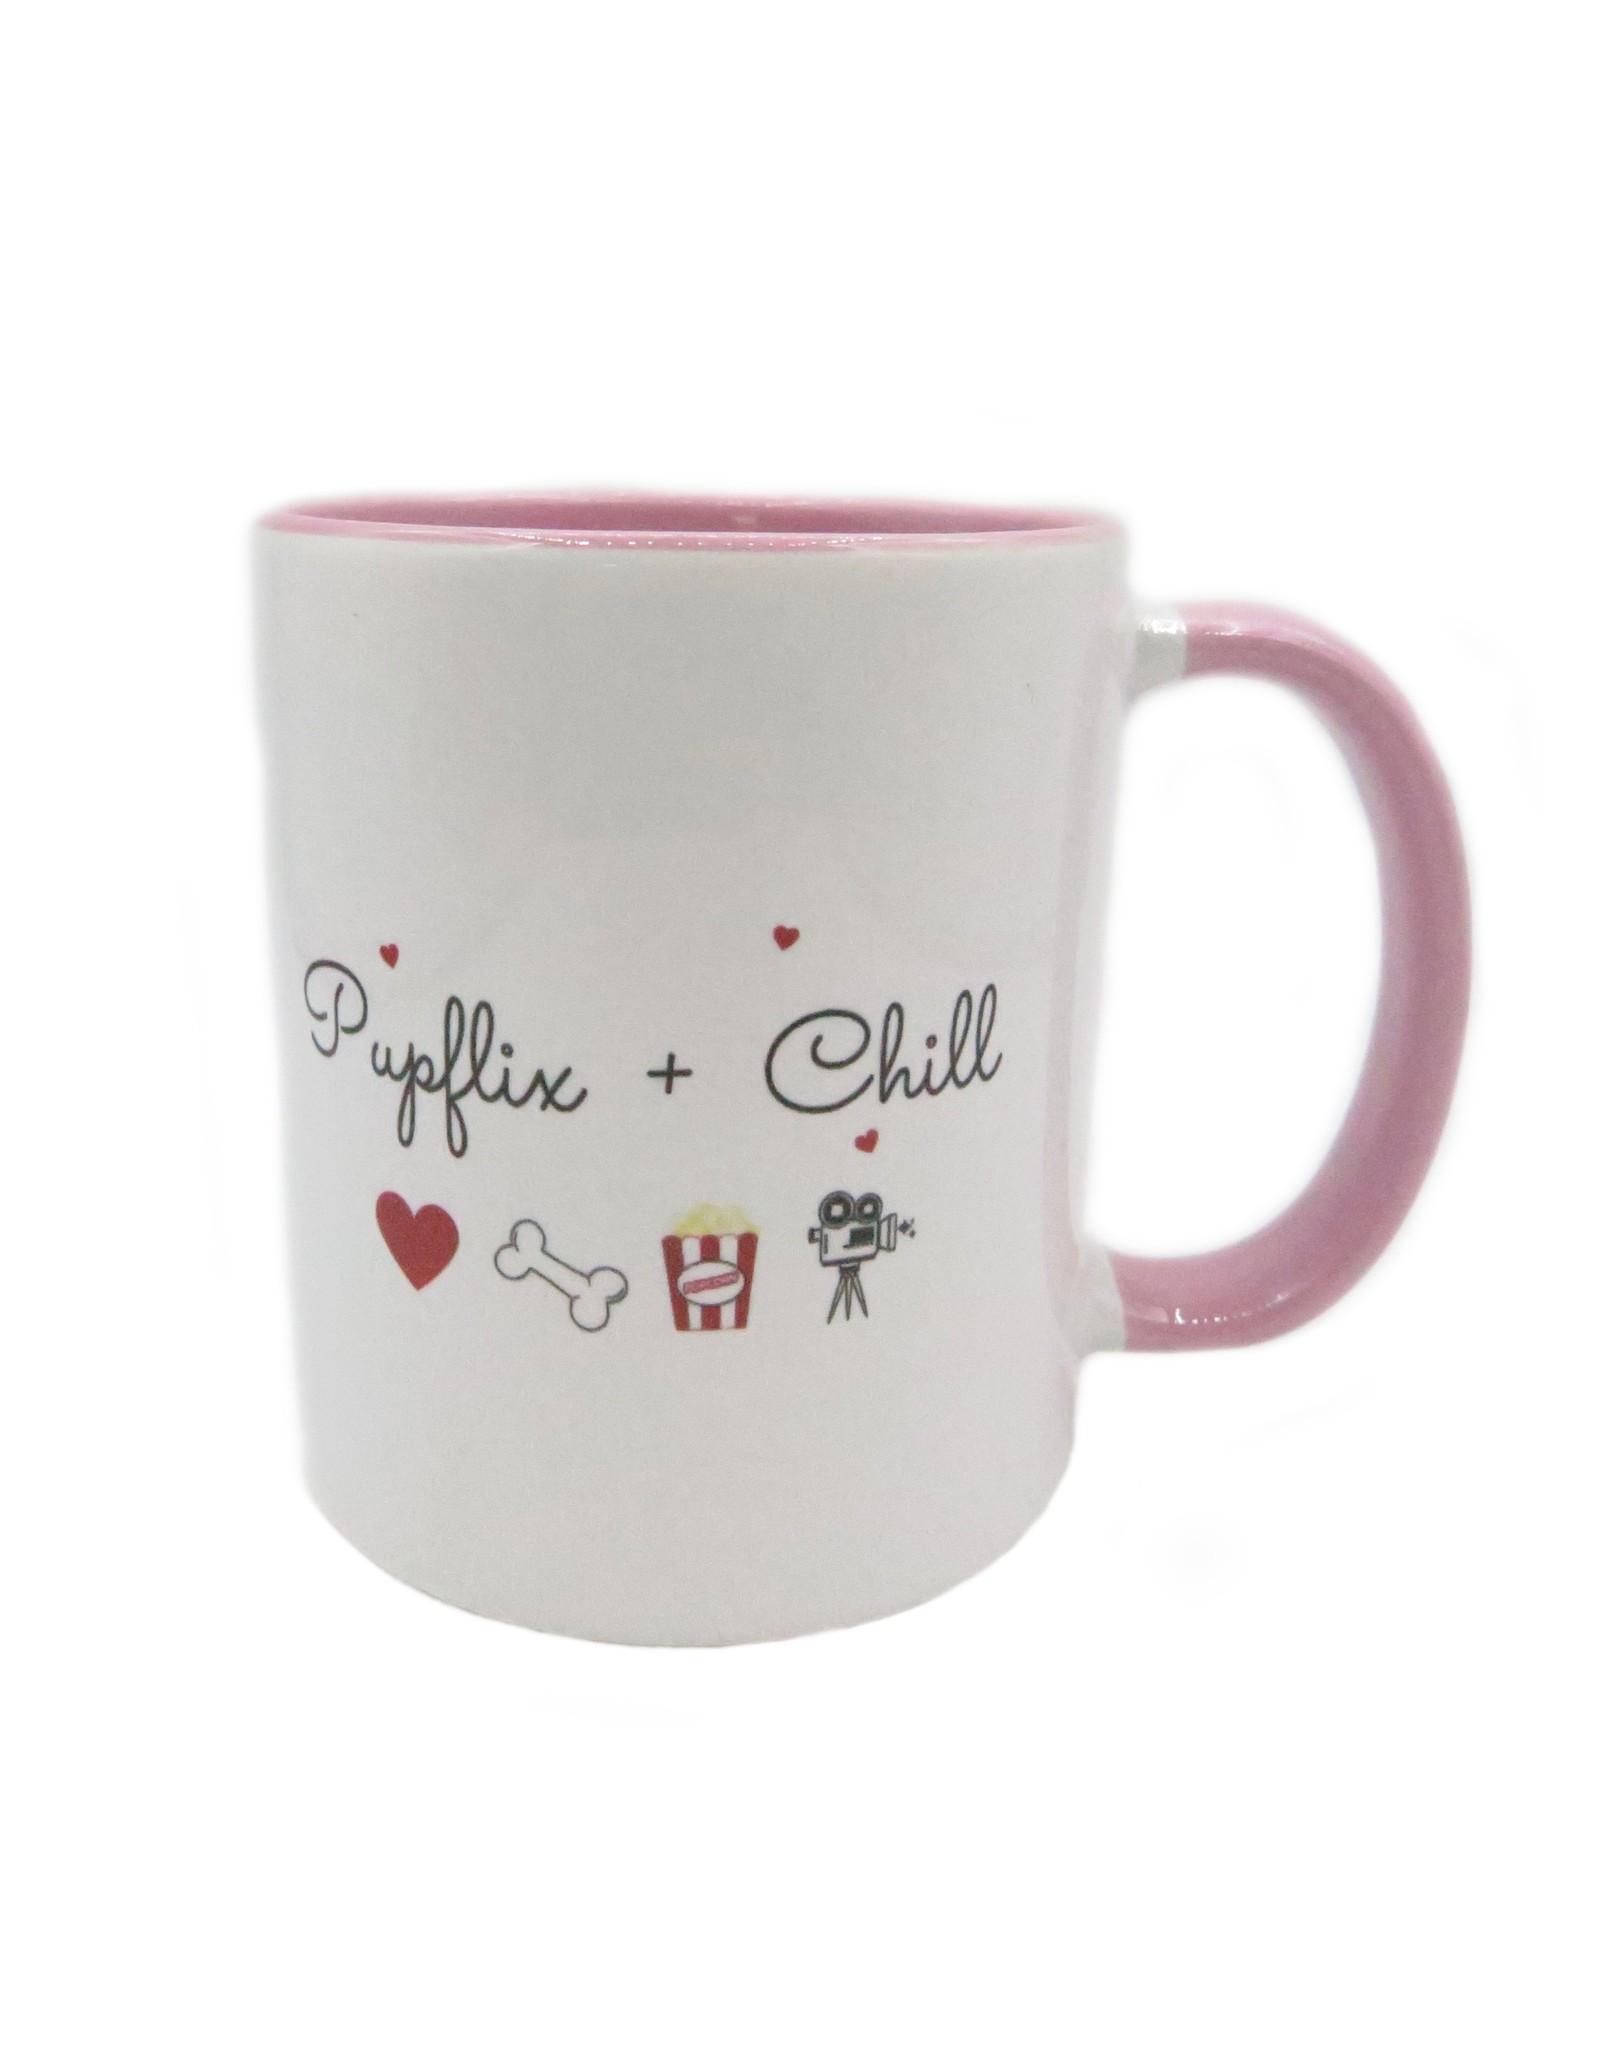 Puplix & chill pink mug